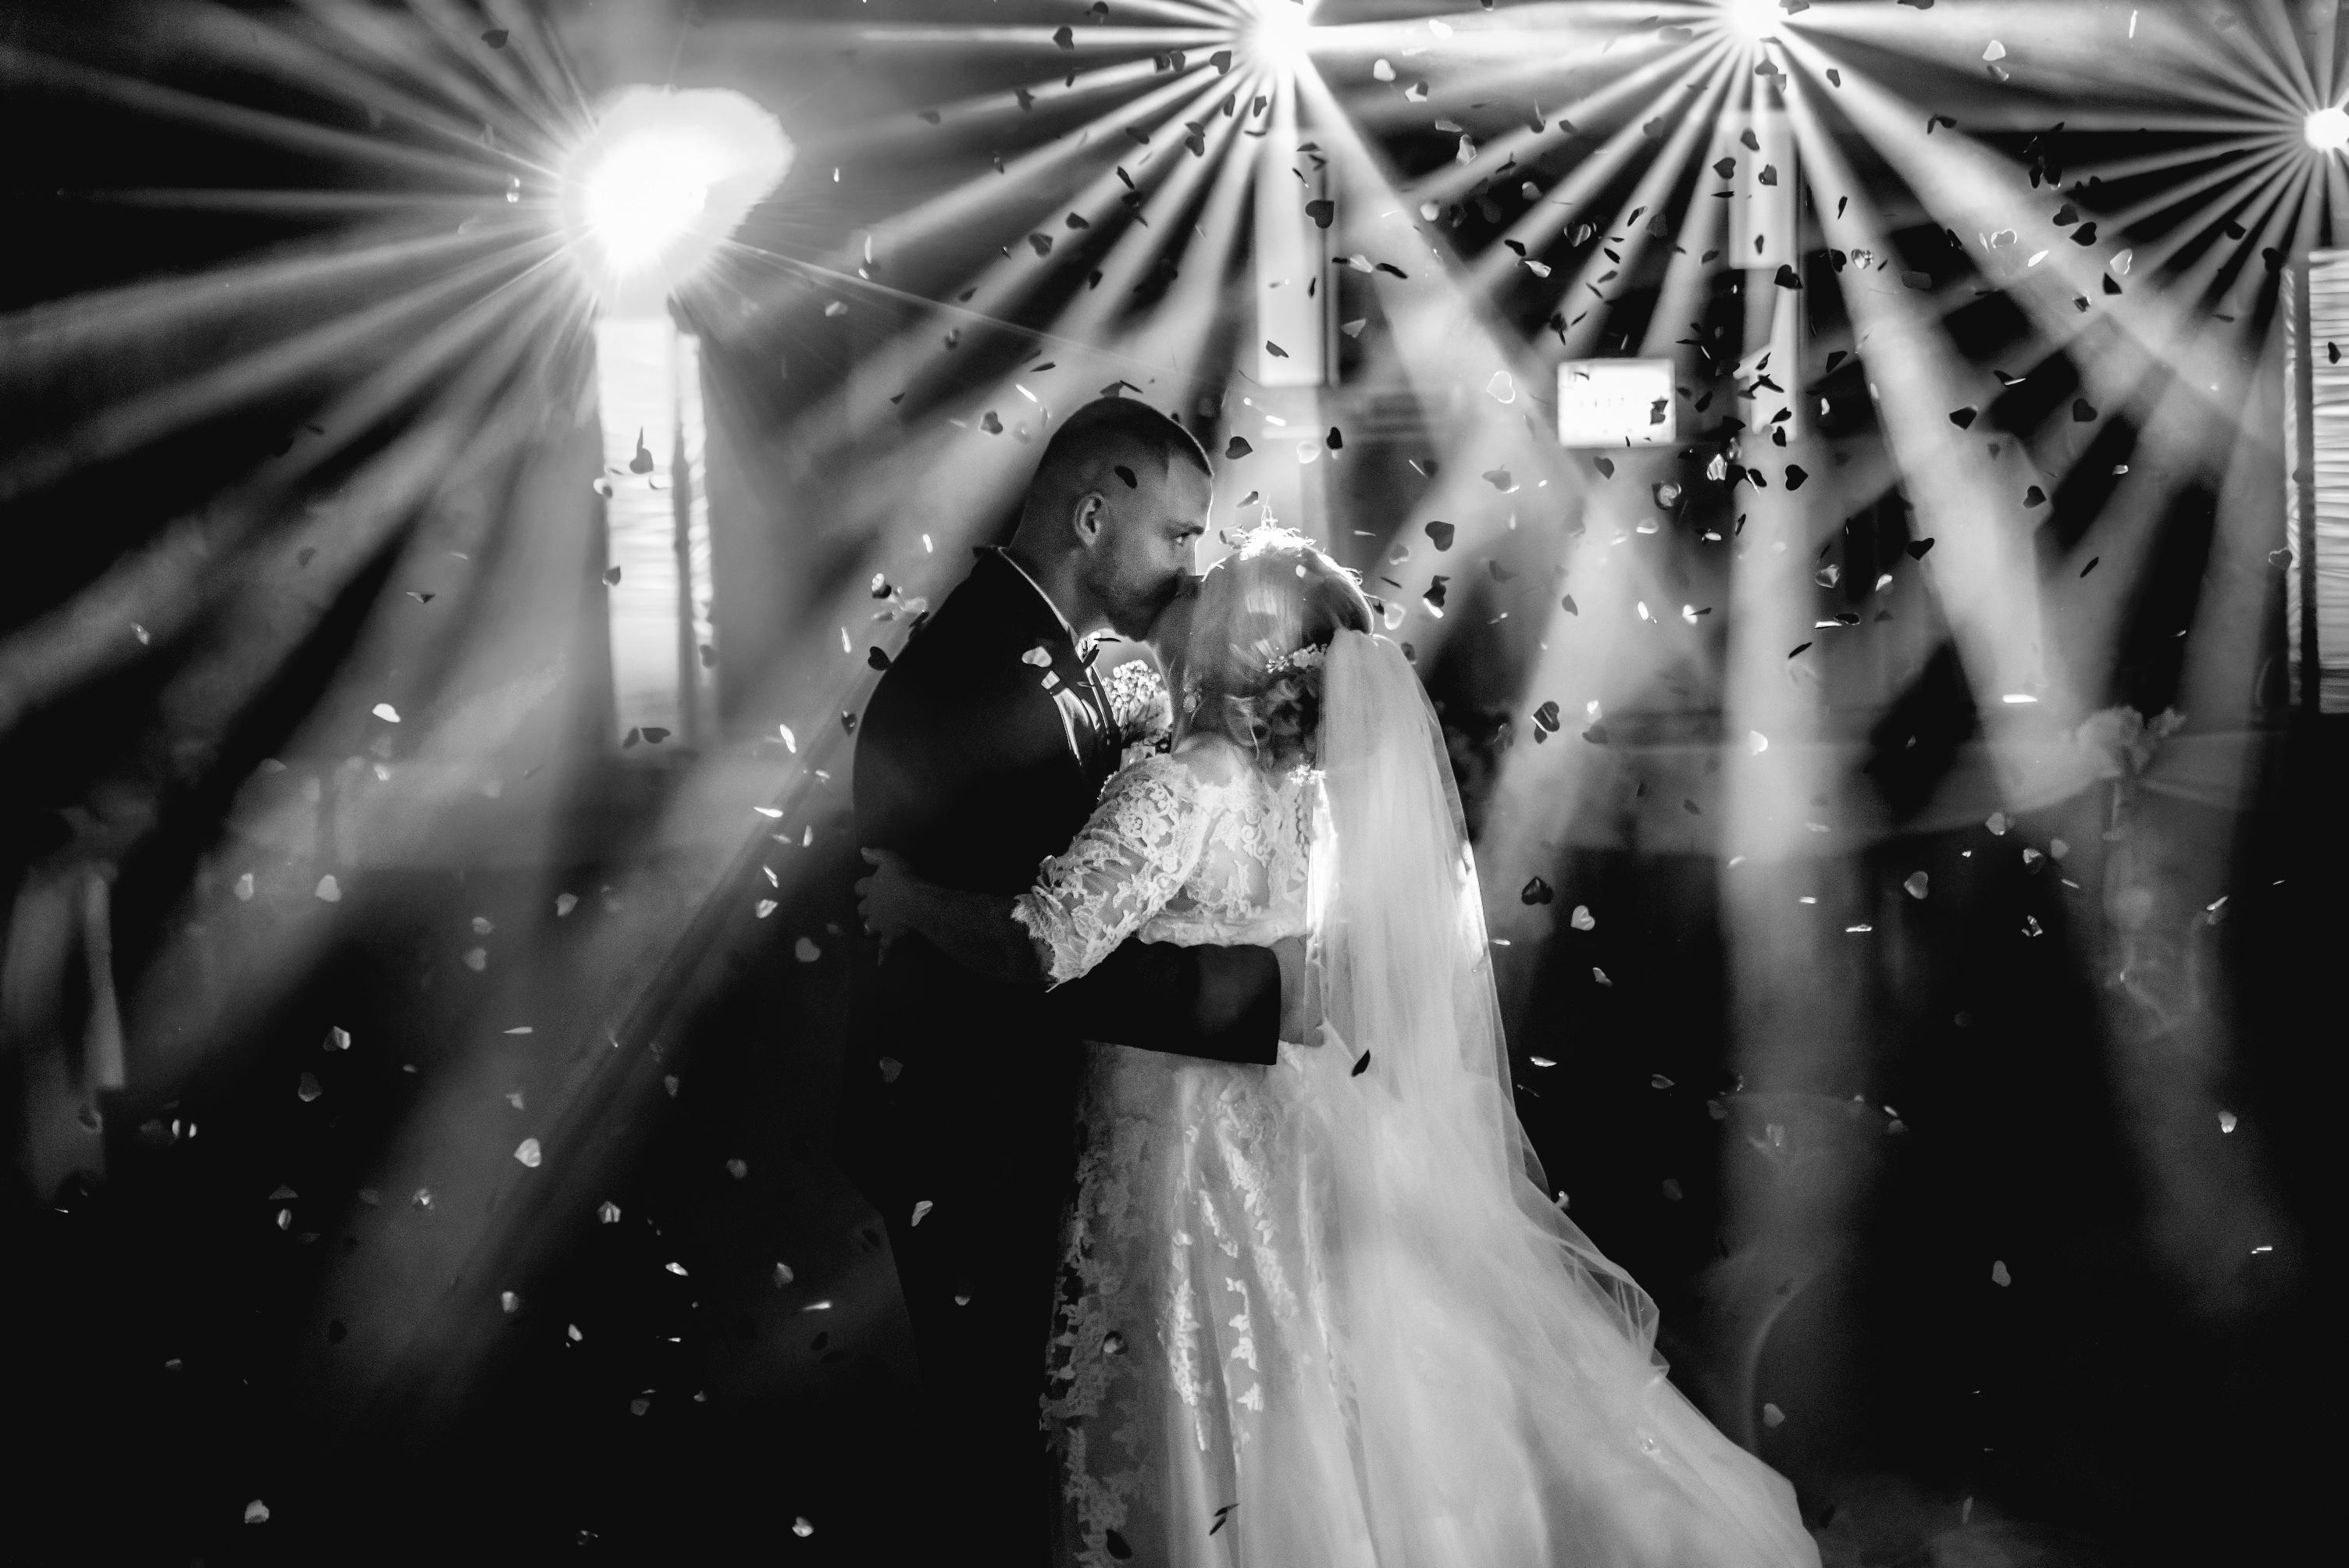 svadobný dj v kultúrnom dome  špeciálne efekty s osvetlením tanečného parketu a iskriace fontánky